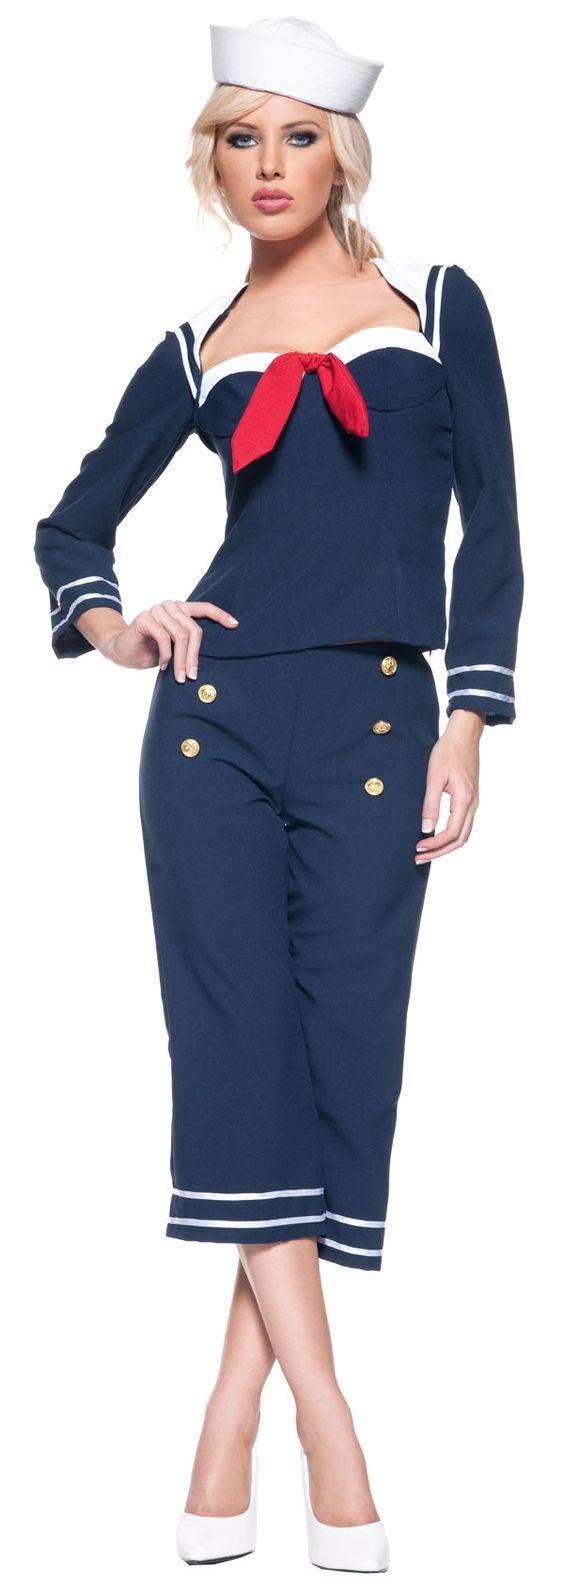 платье в стиле морячки фото выборе зеркального